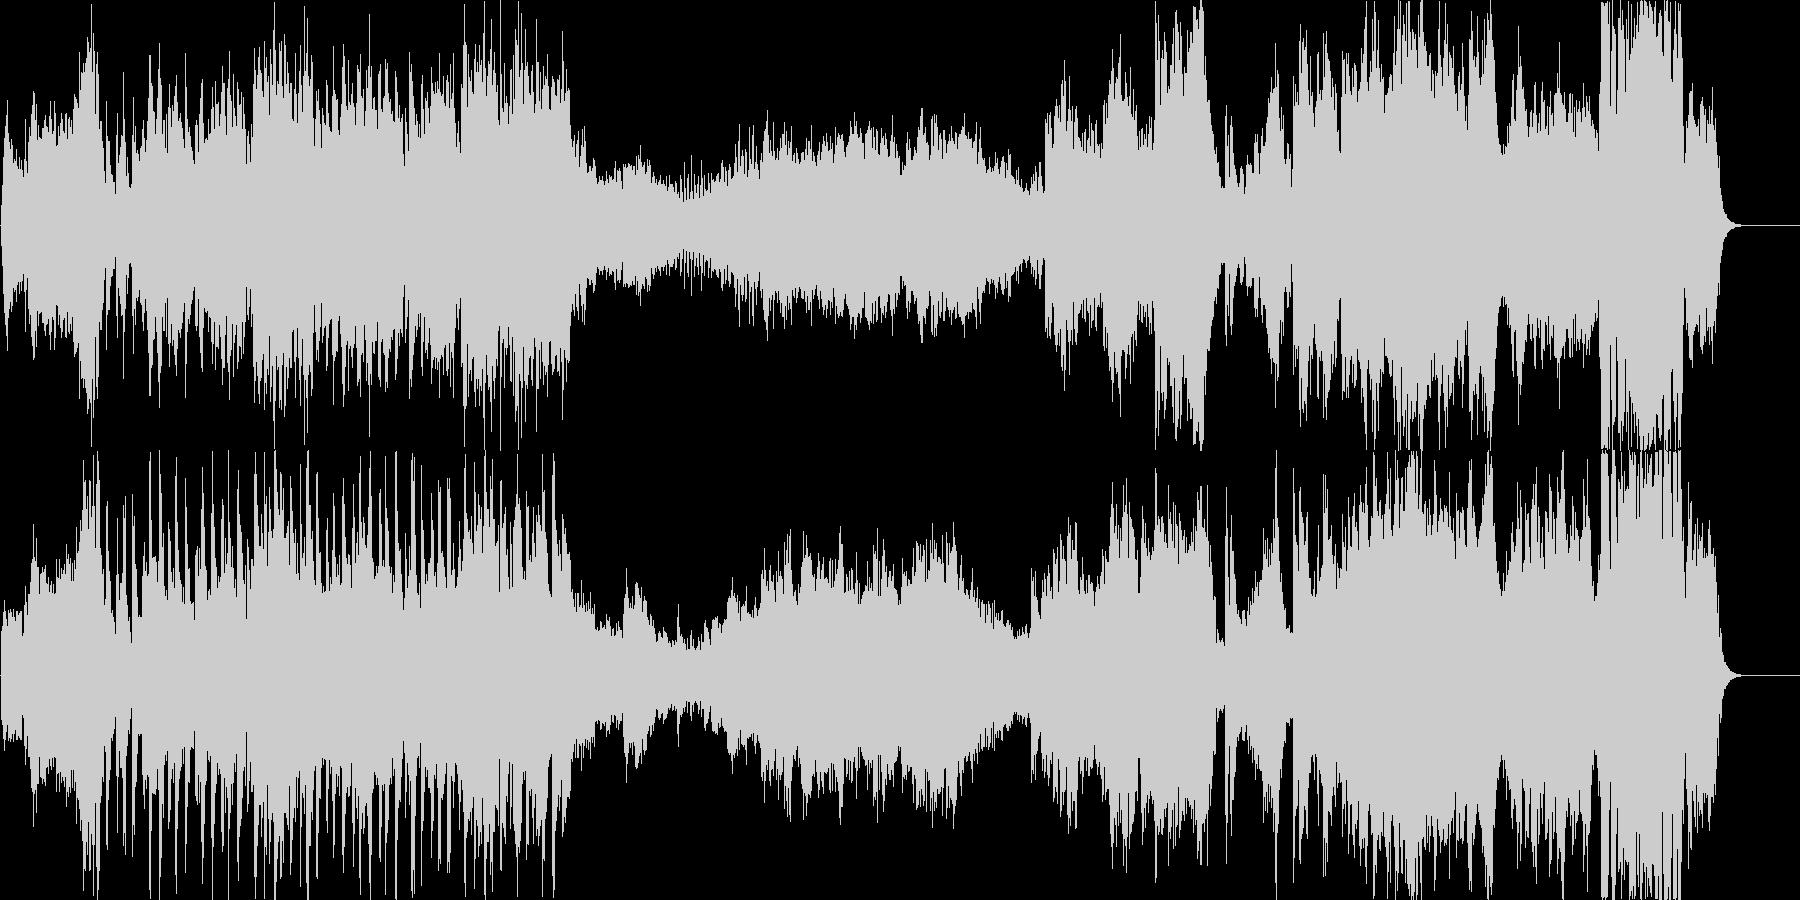 ハリウッド系ファンファーレのオケの未再生の波形